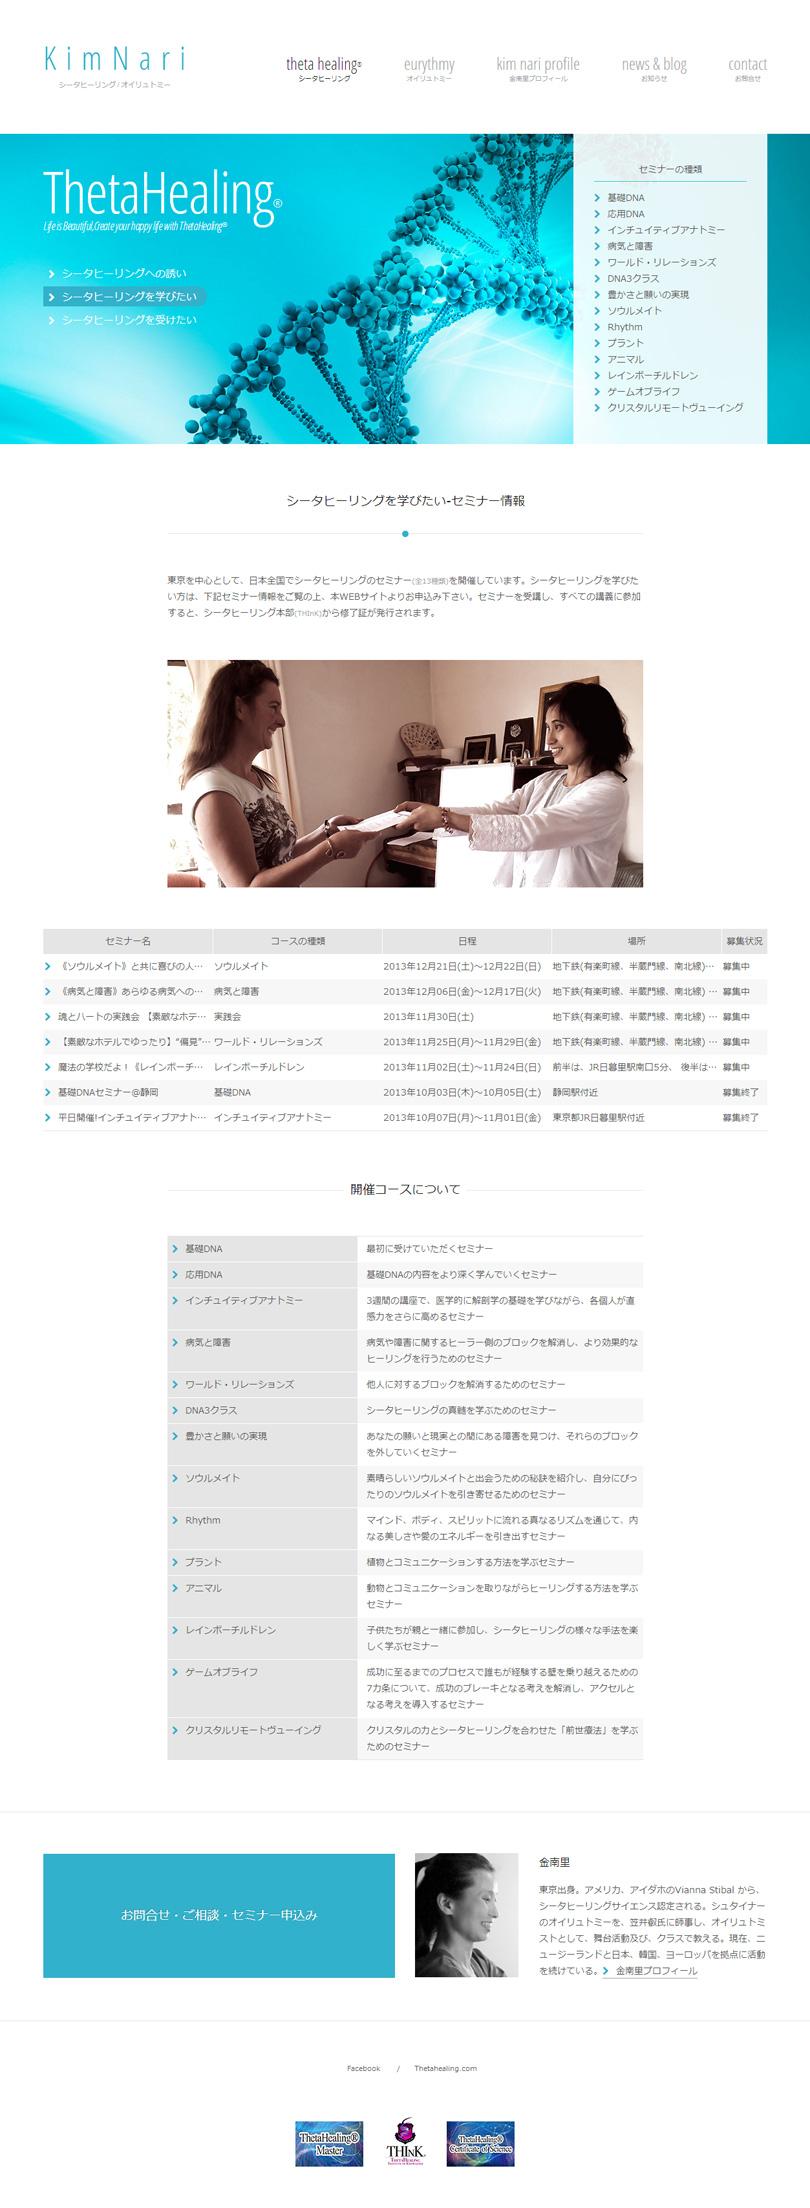 kimnari.comウェブサイトデザイン_階層ページ